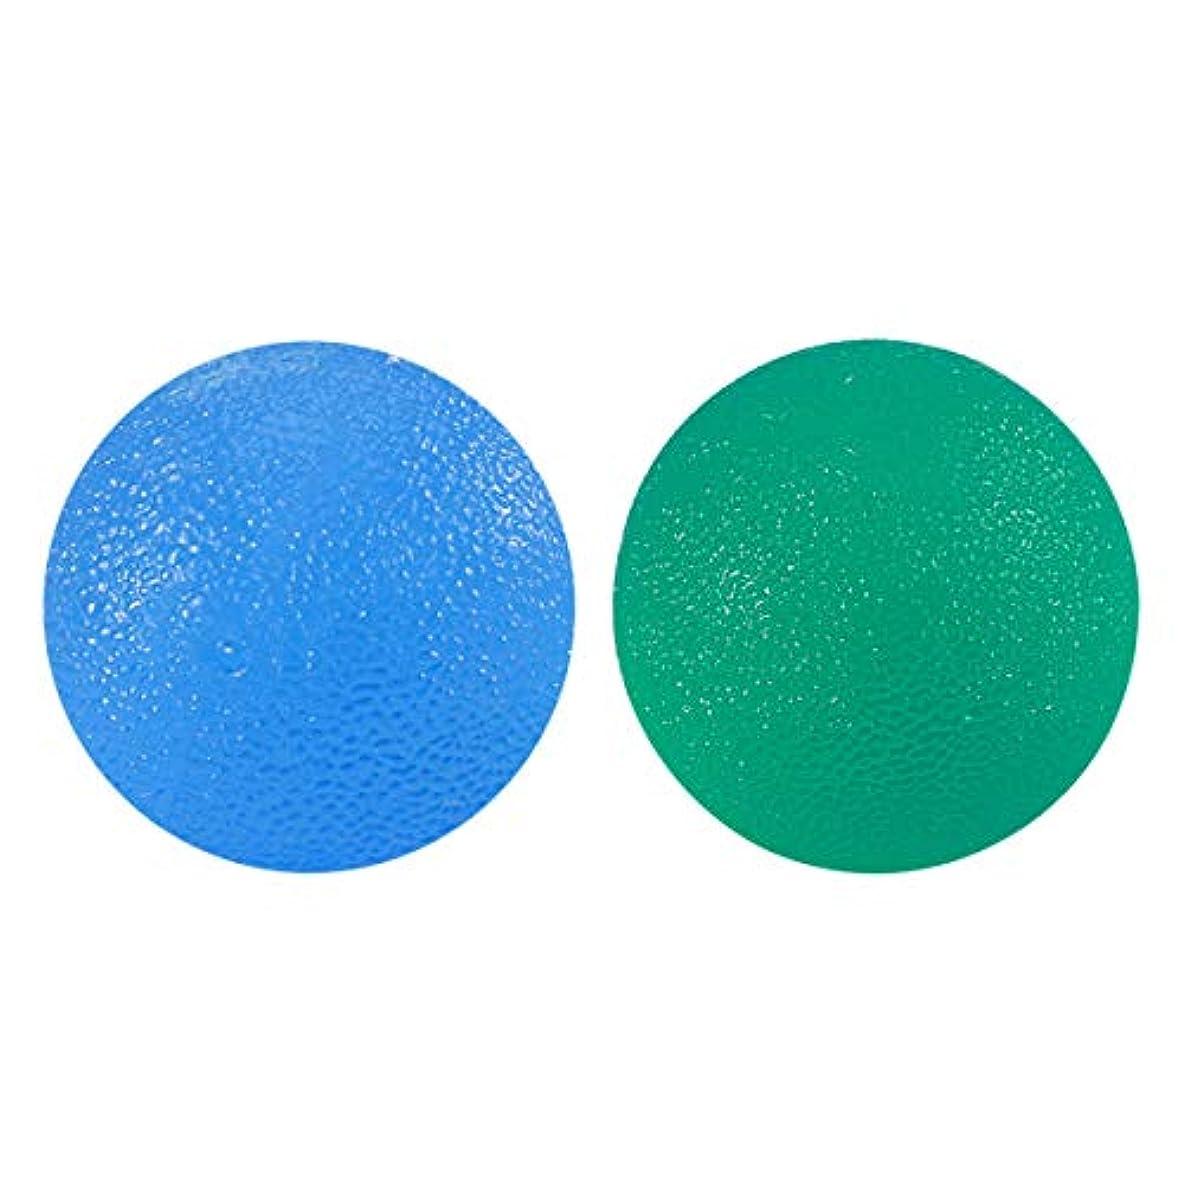 意志ひも事ROSENICE フィンガーセラピーボールエクササイズボールハンドリハビリトレインボール2個